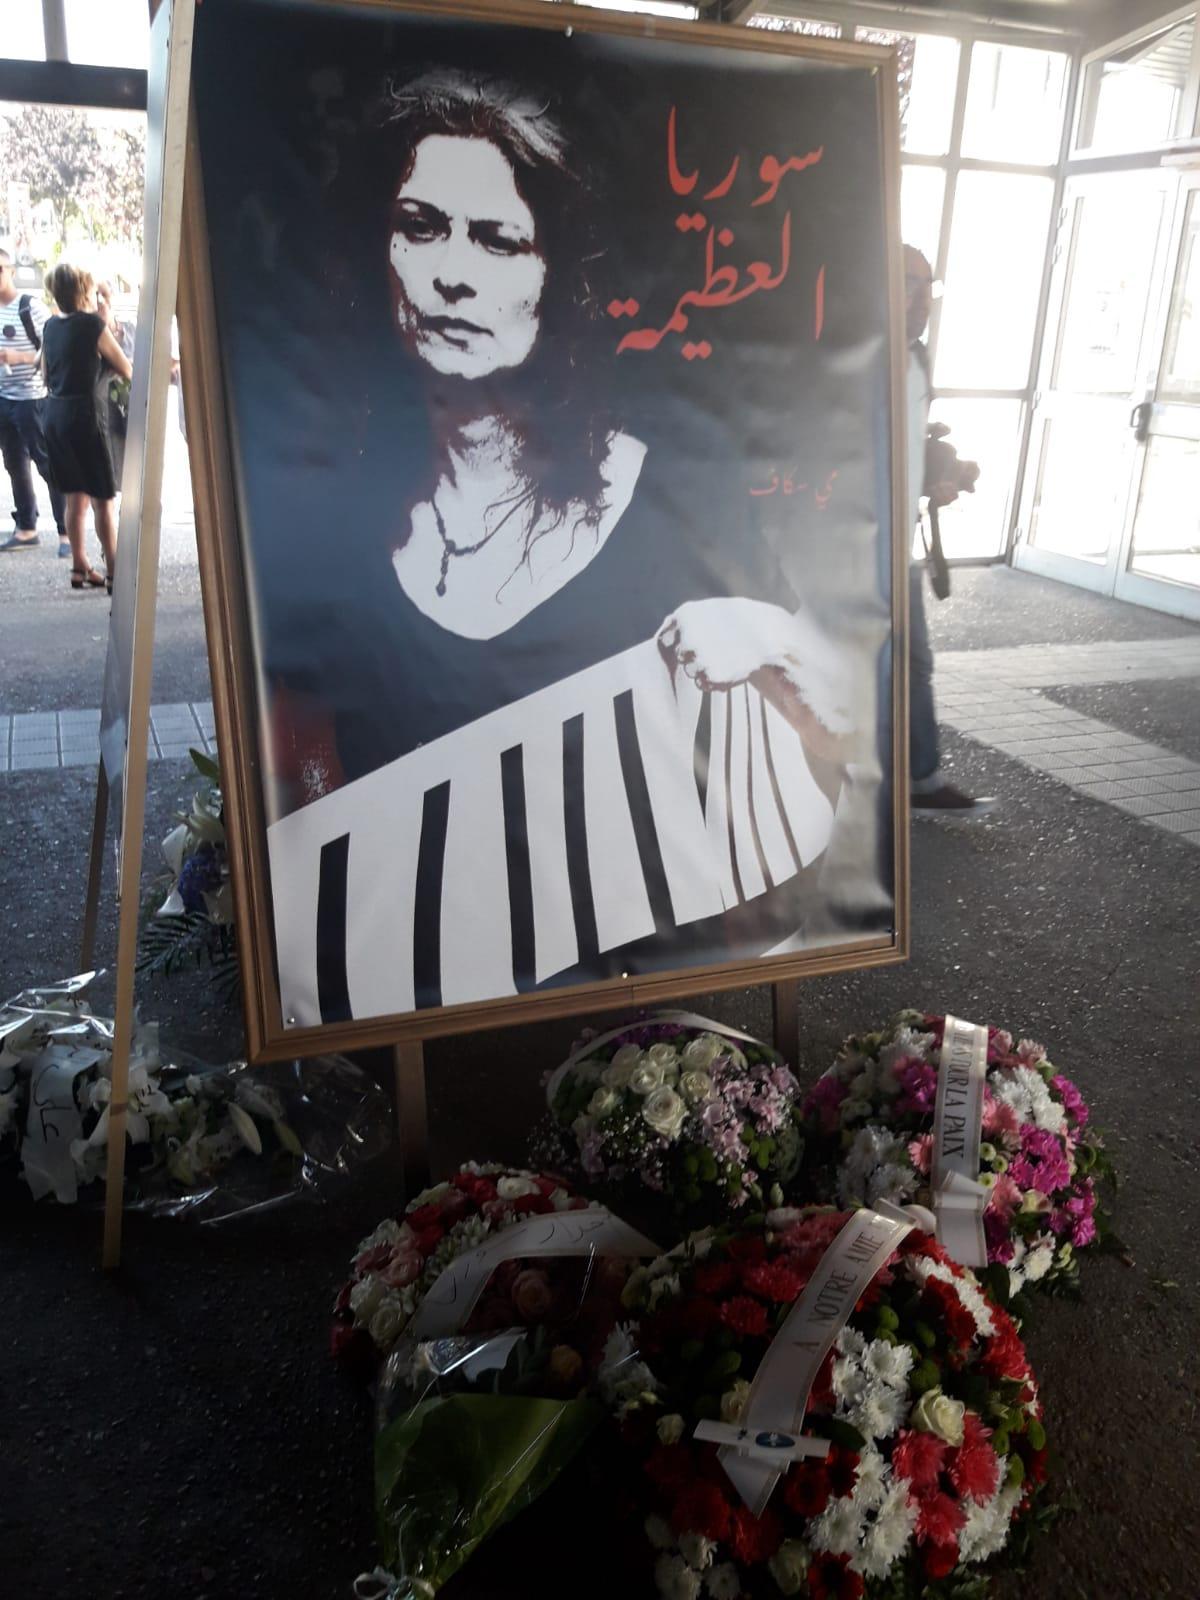 جنازة مهيبة للفنانة والمناضلة مي سكاف في باريس